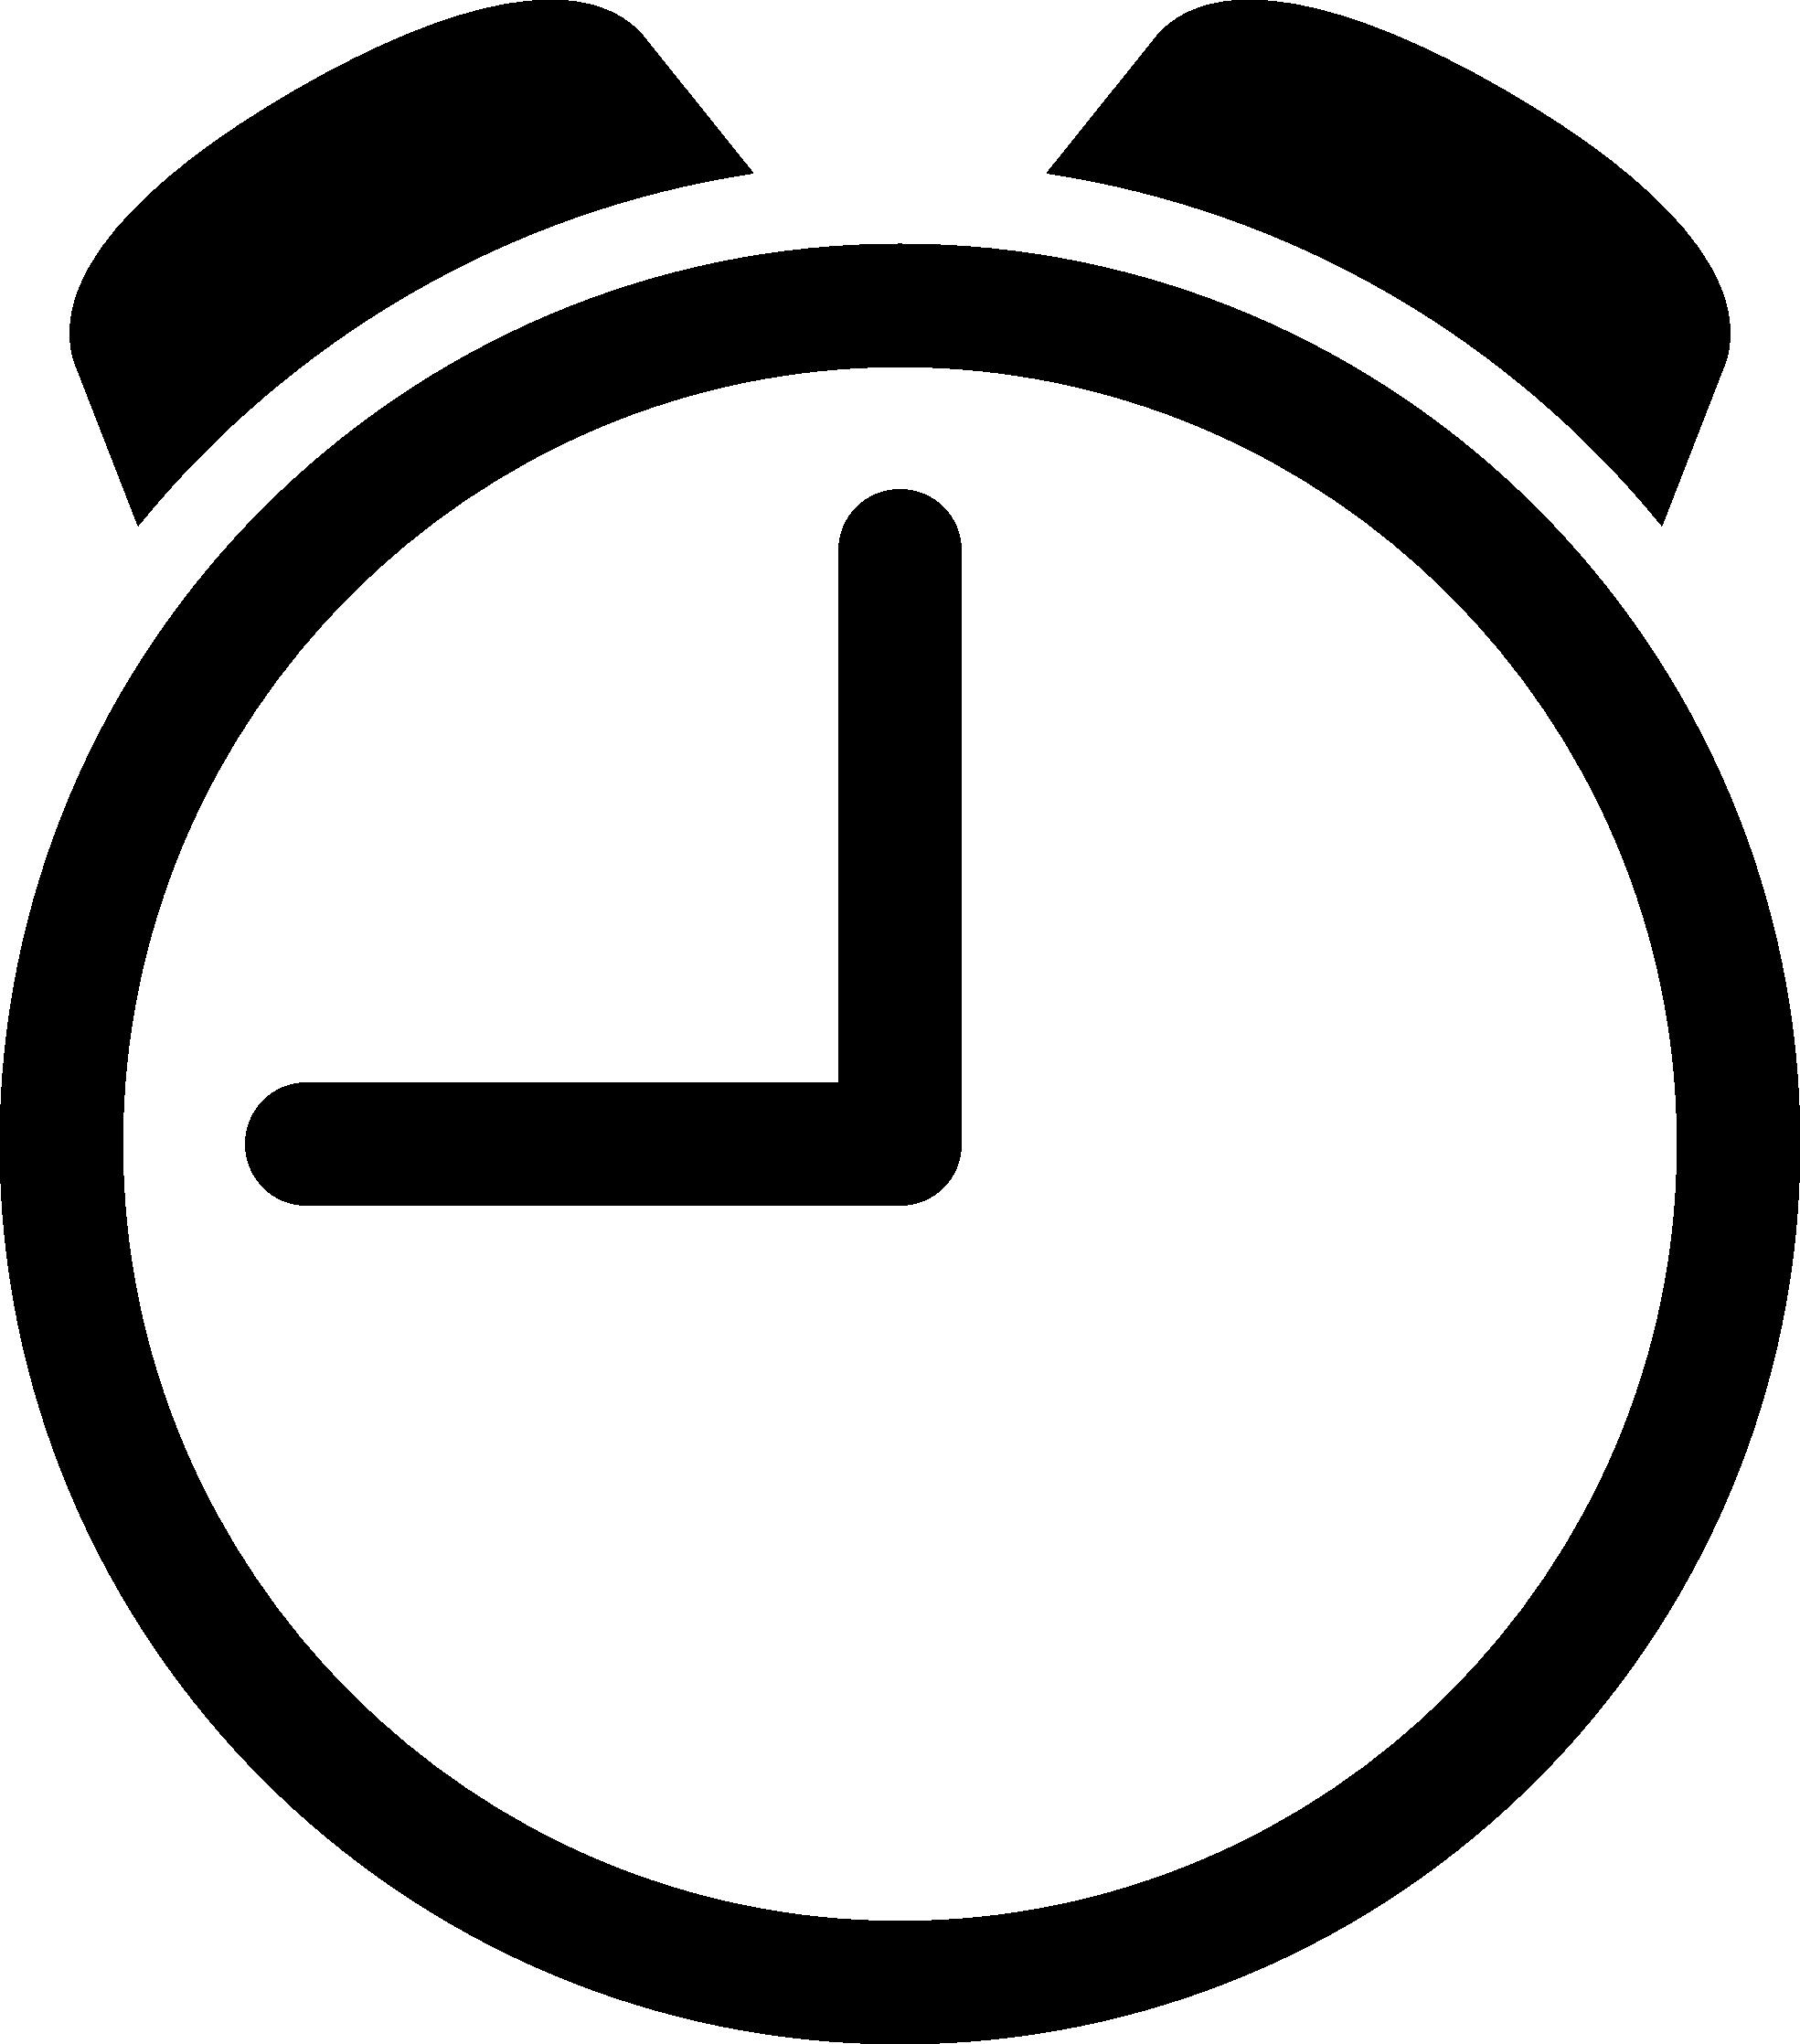 Alarm Clock Clipart - Cliparts.co